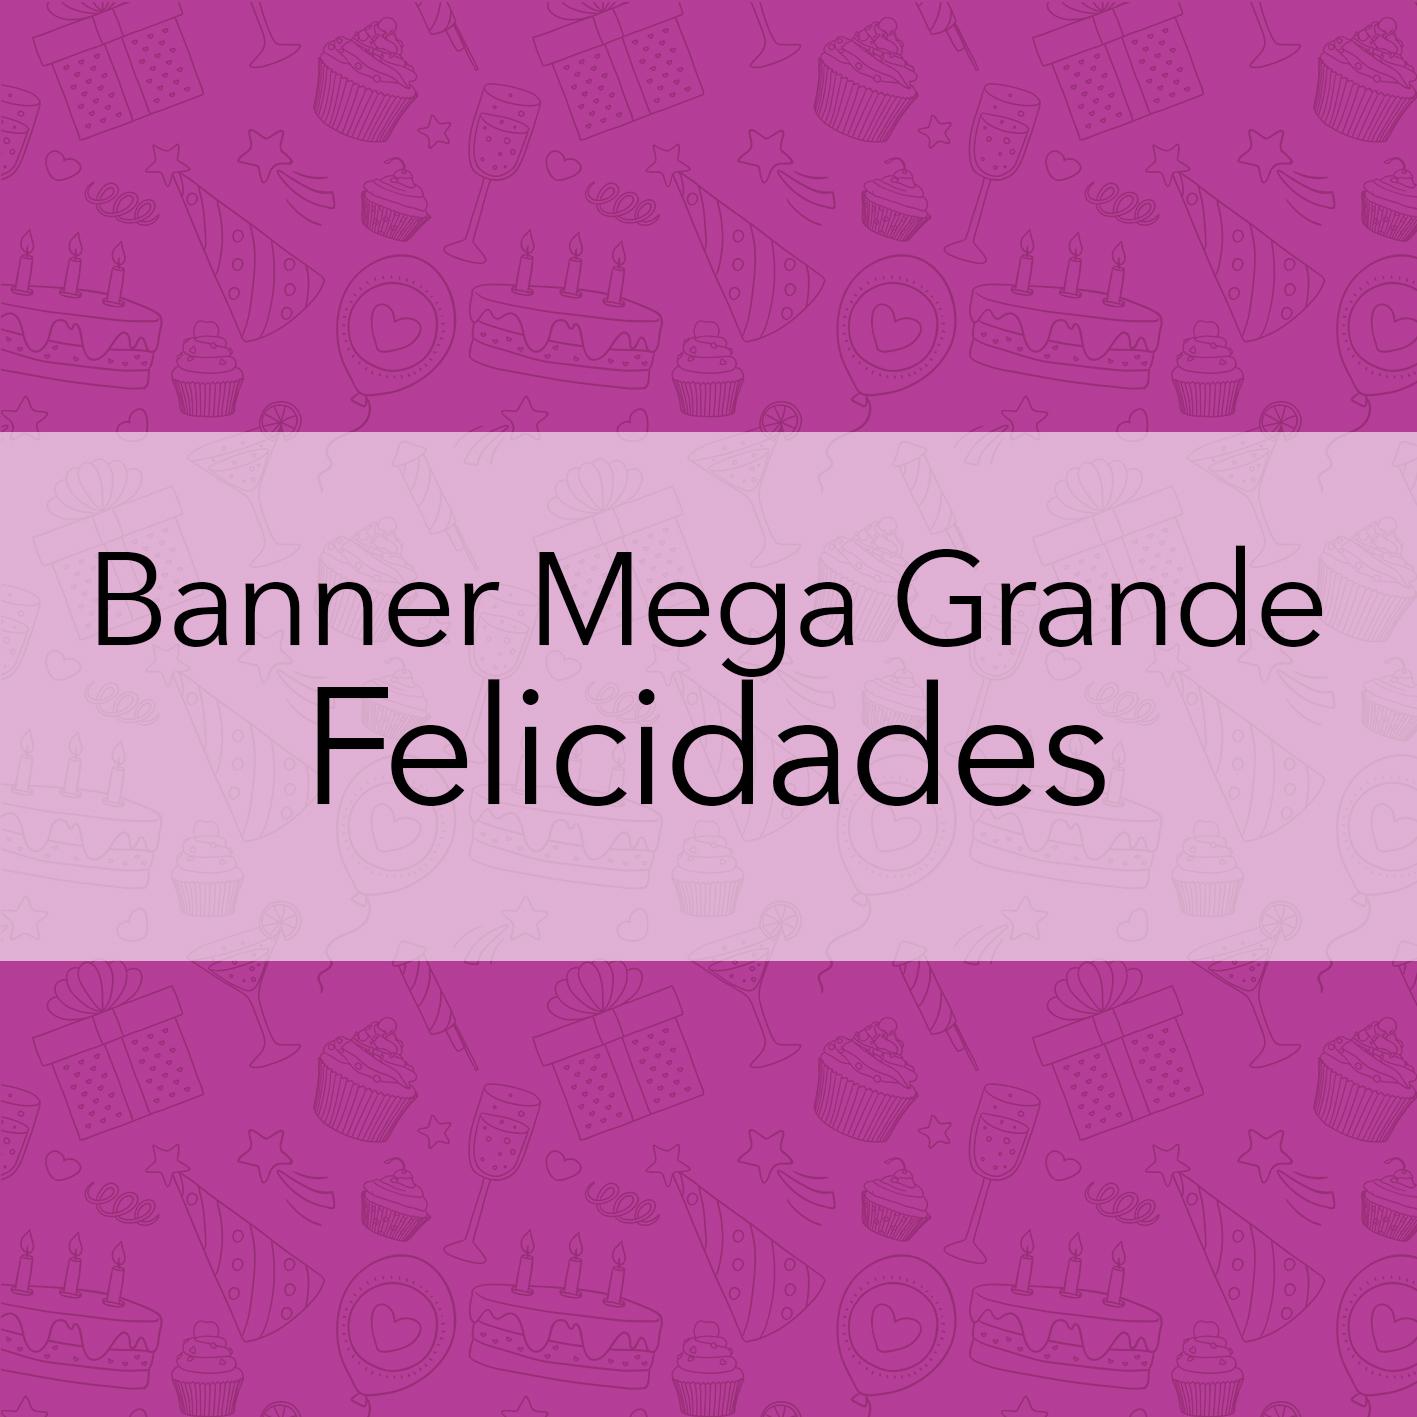 BANNER MEGA GRANDE FELICIDADES